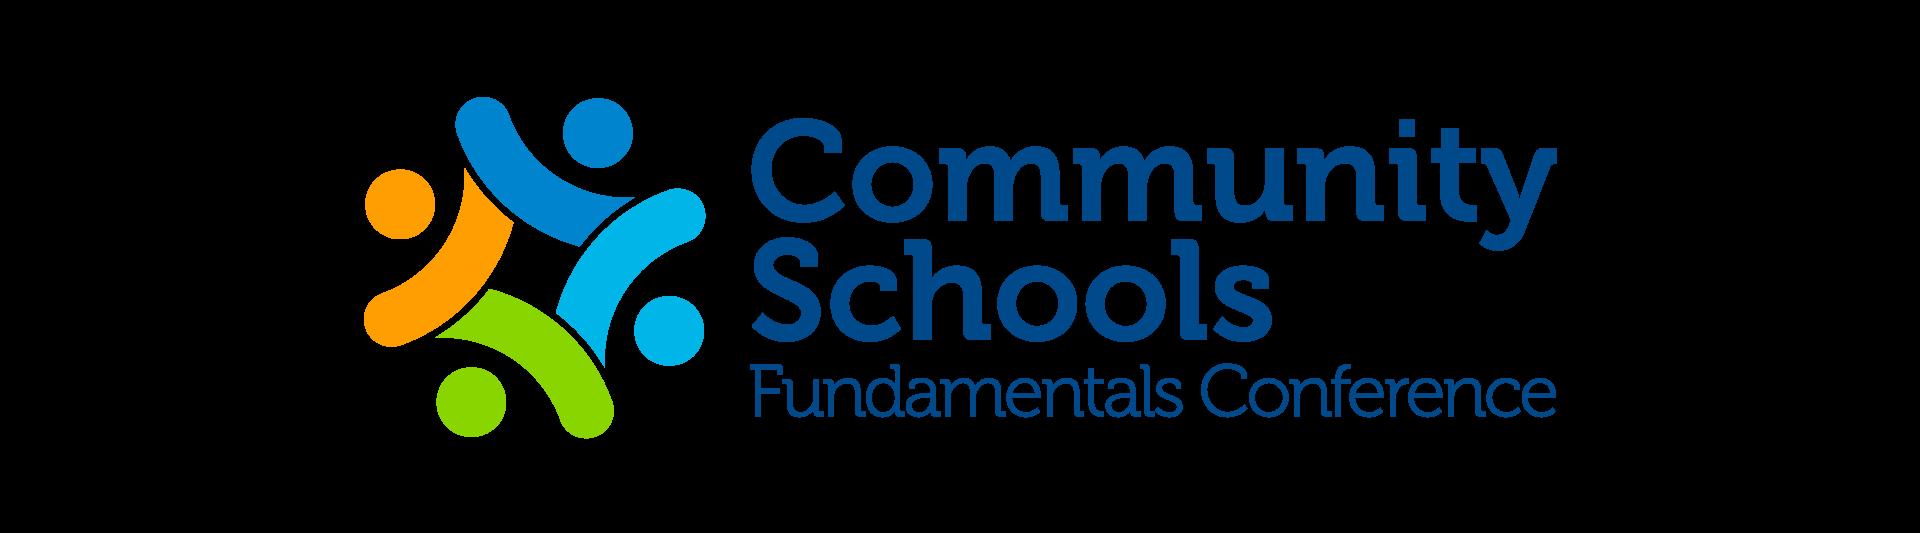 Community Schools Fundamentals Conference October 2021